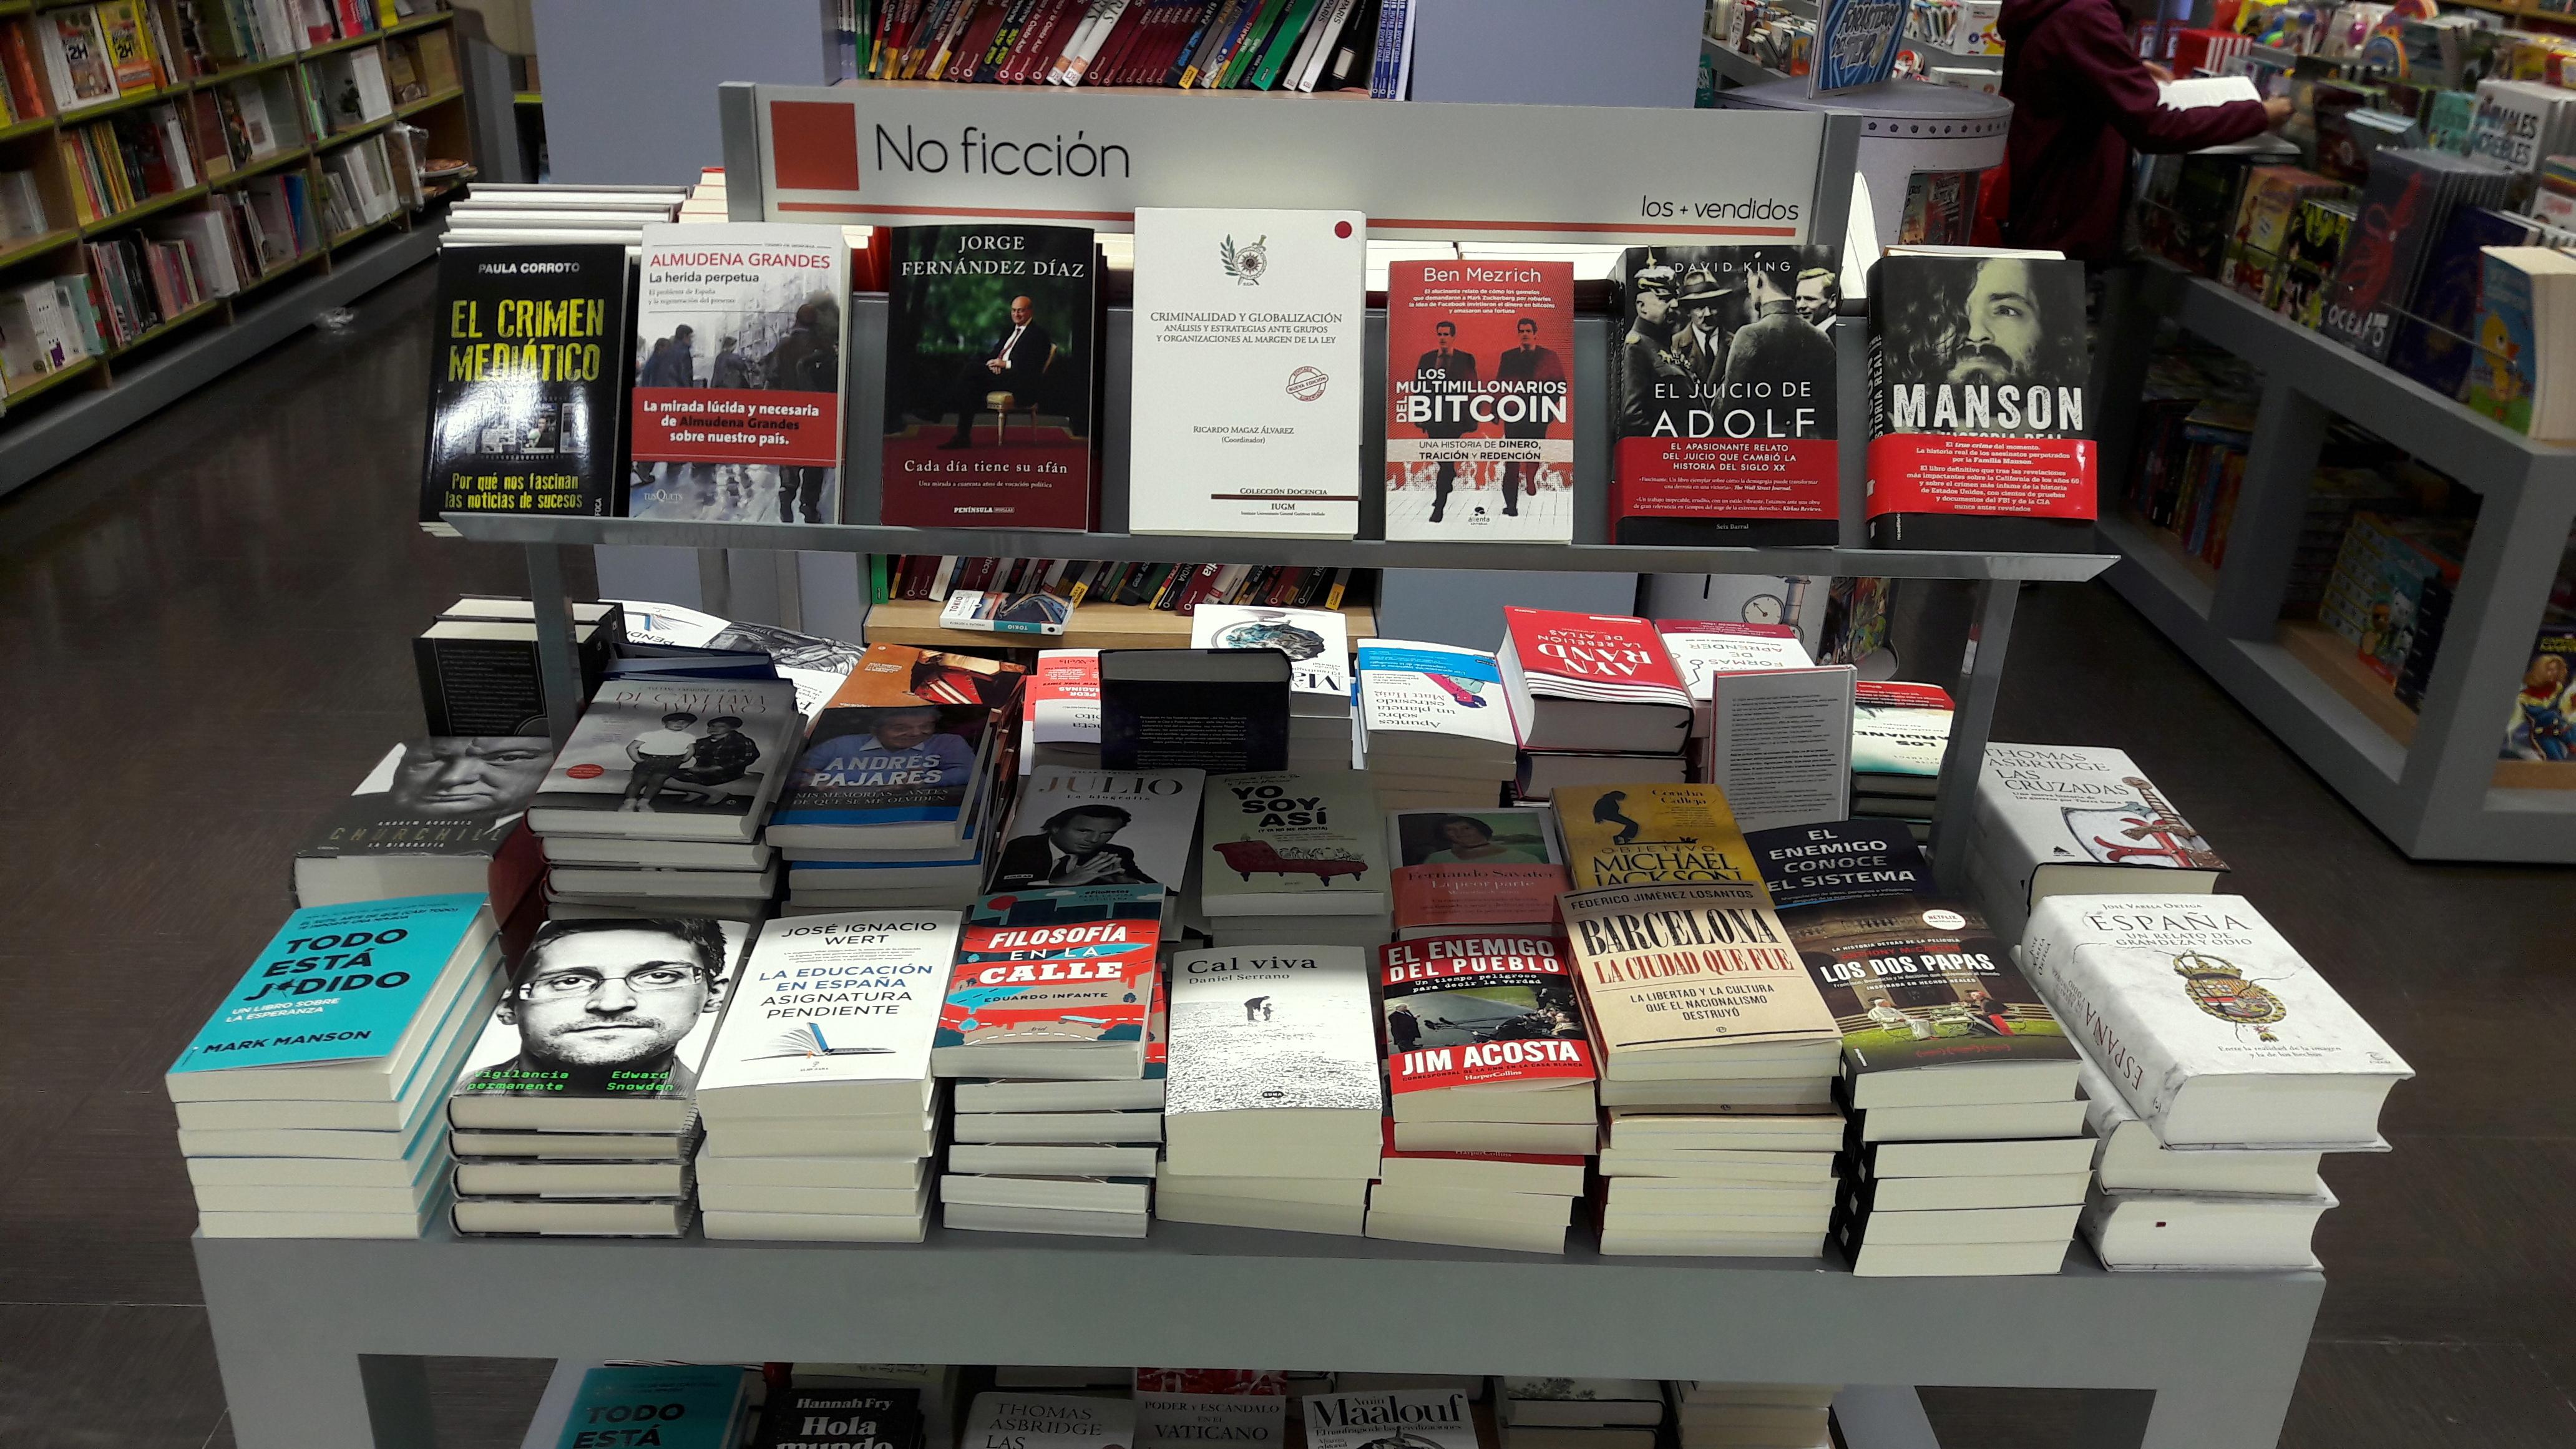 libro-criminalidad-y-globalizacion-exposicion-estanteria-libreria